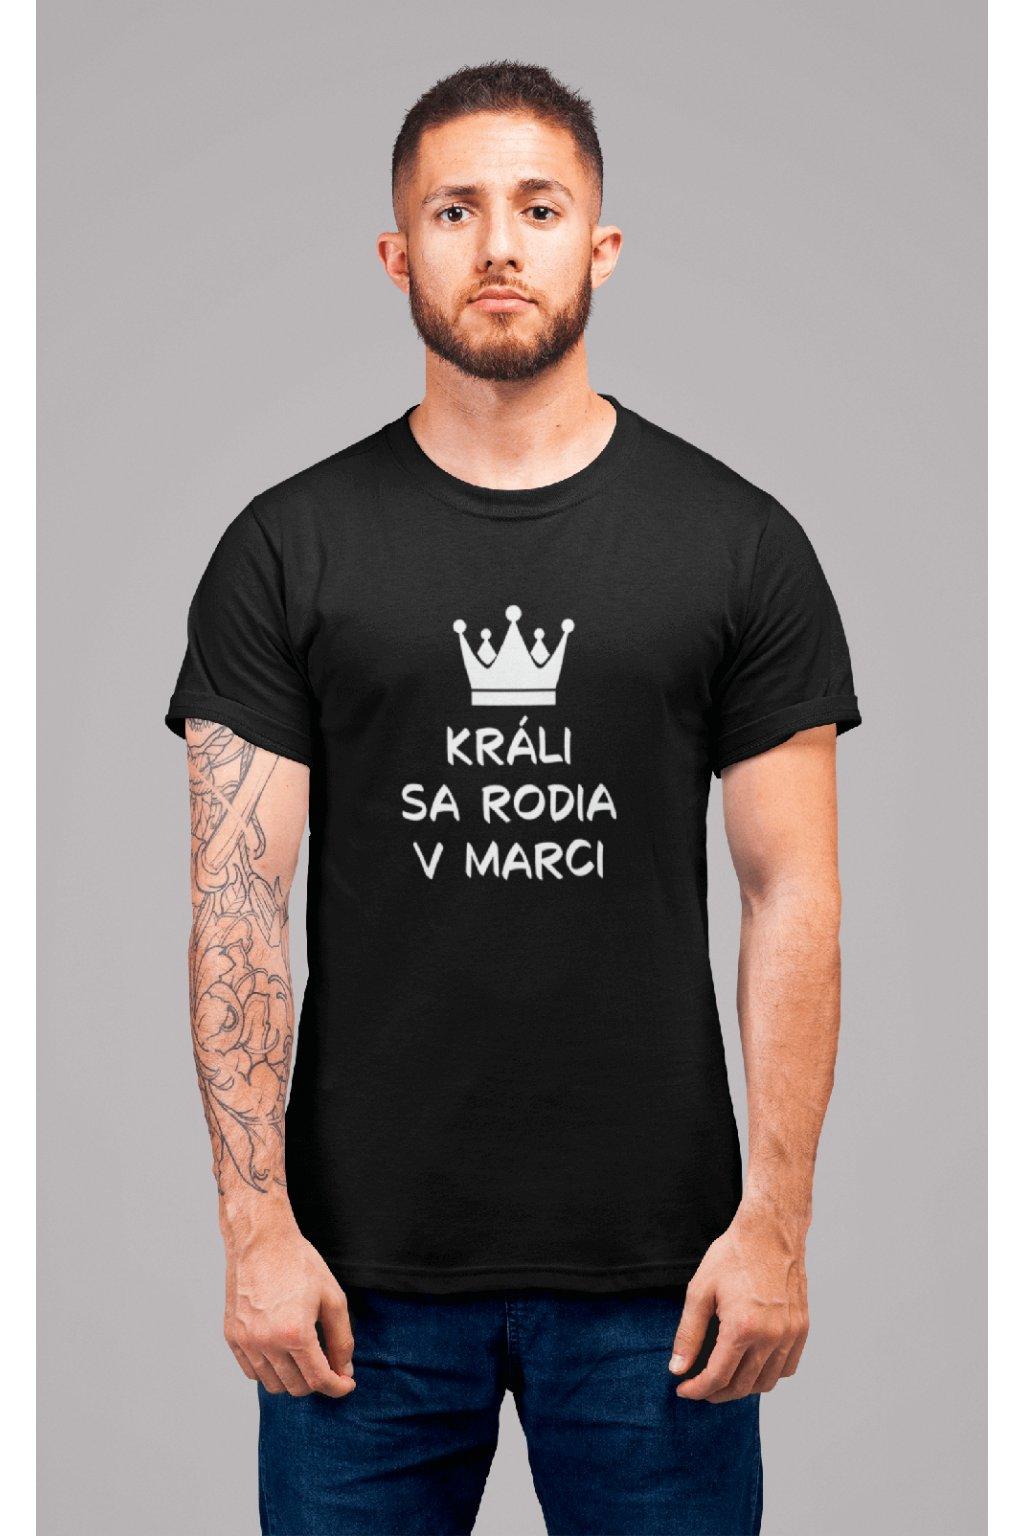 Pánske tričko Králi sa rodia v marci